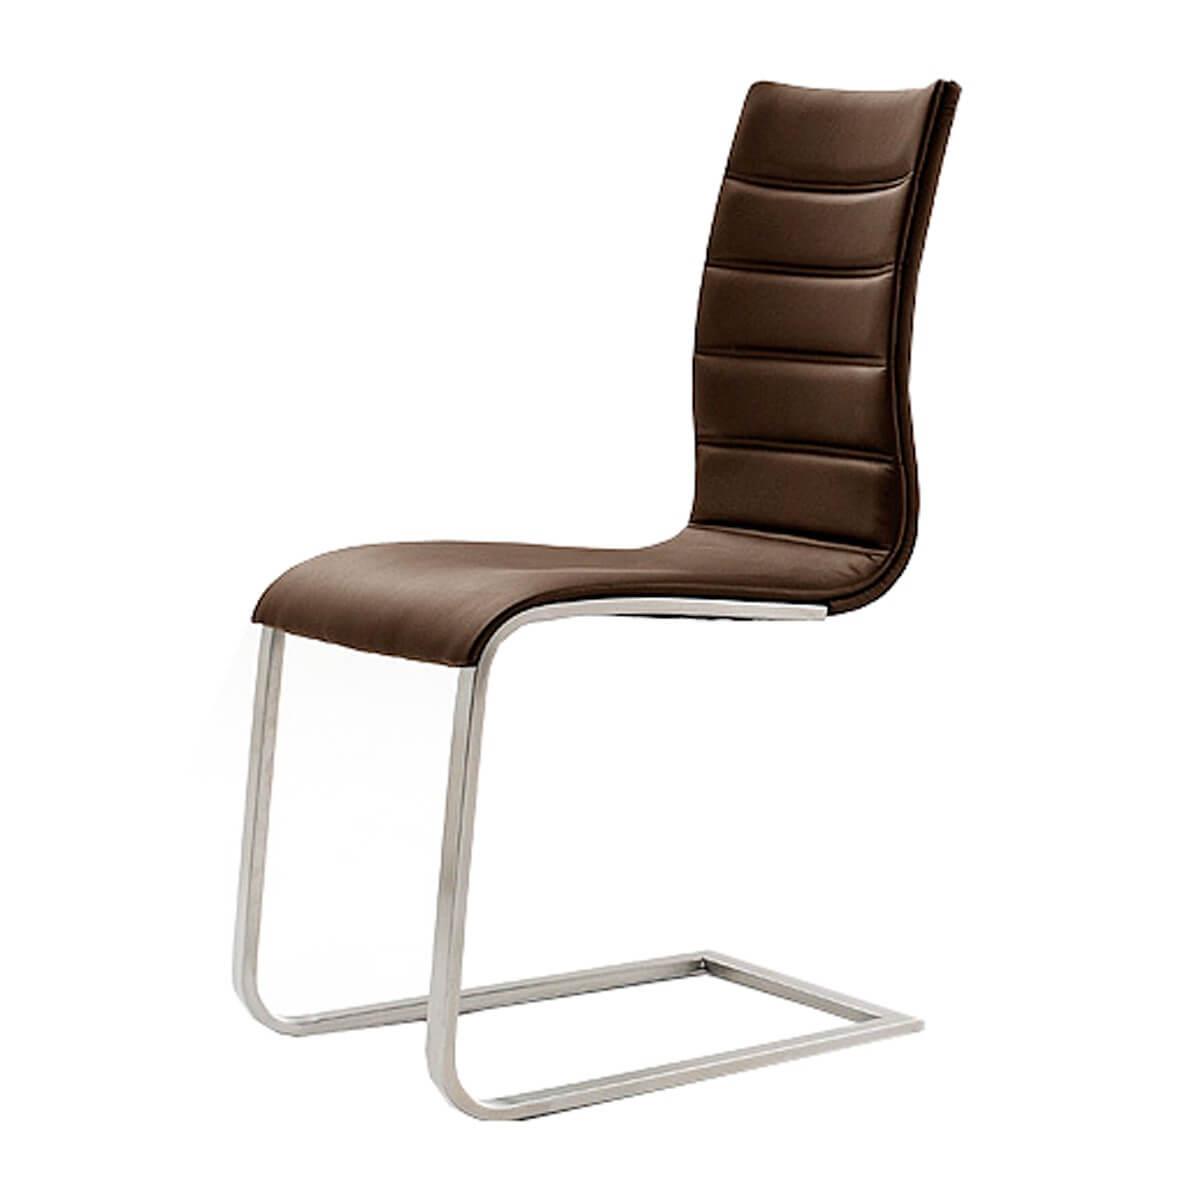 schwingstuhl esszimmerstuhl freischwinger stuhl kunstleder. Black Bedroom Furniture Sets. Home Design Ideas